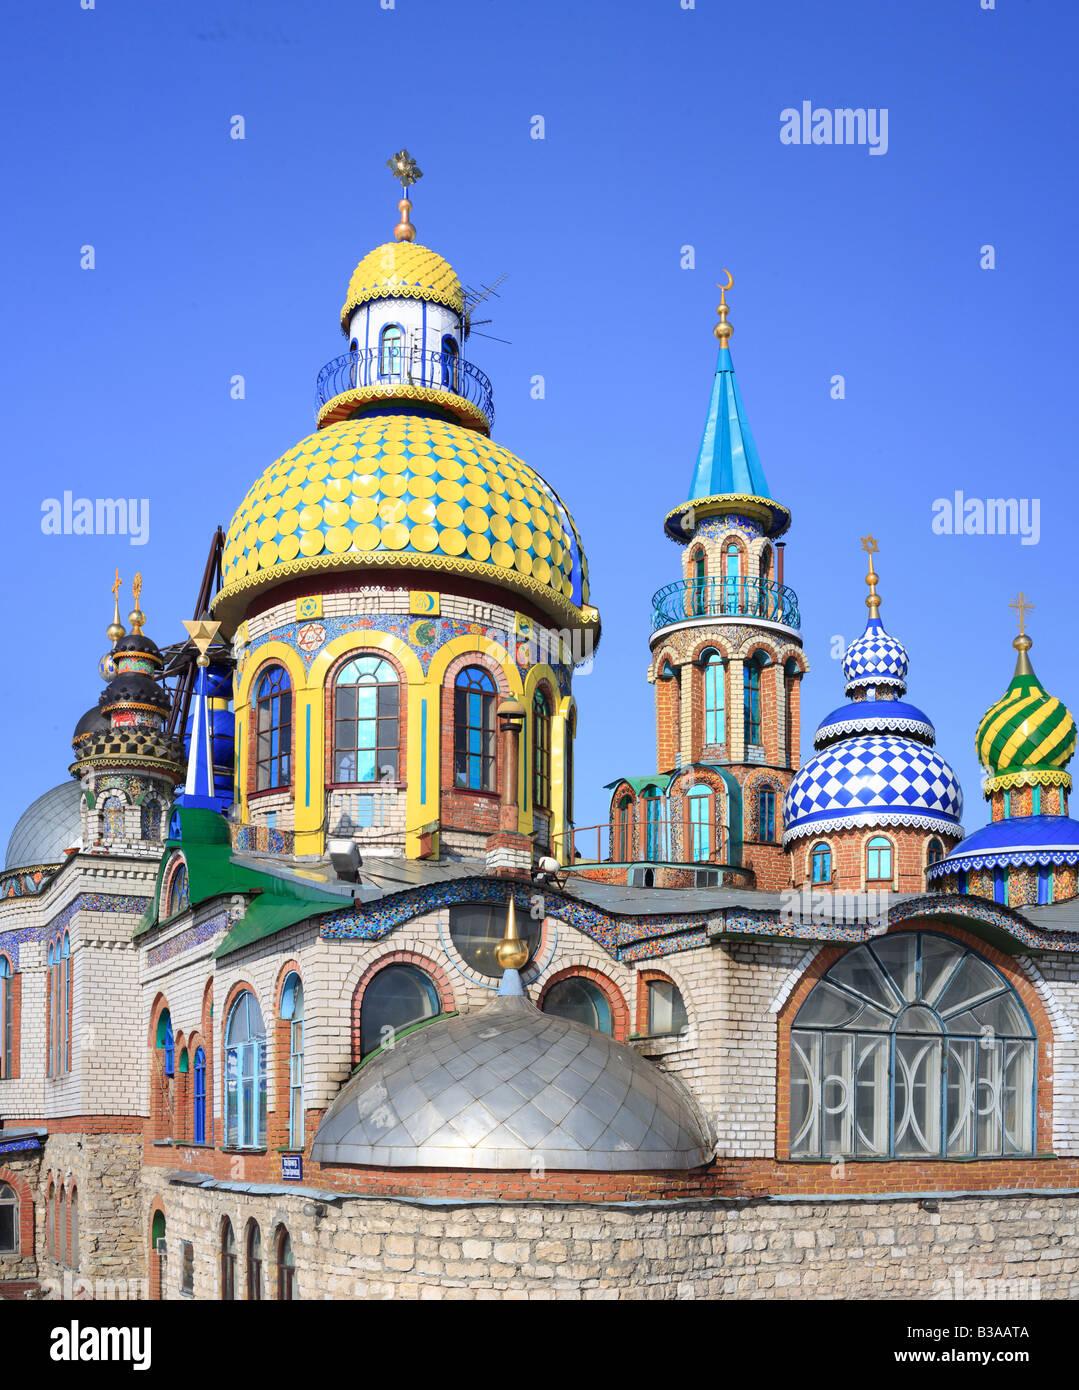 """'Templo de todas las religiones"""", la arquitectura moderna, Kazan, Tatarstan, Rusia Imagen De Stock"""